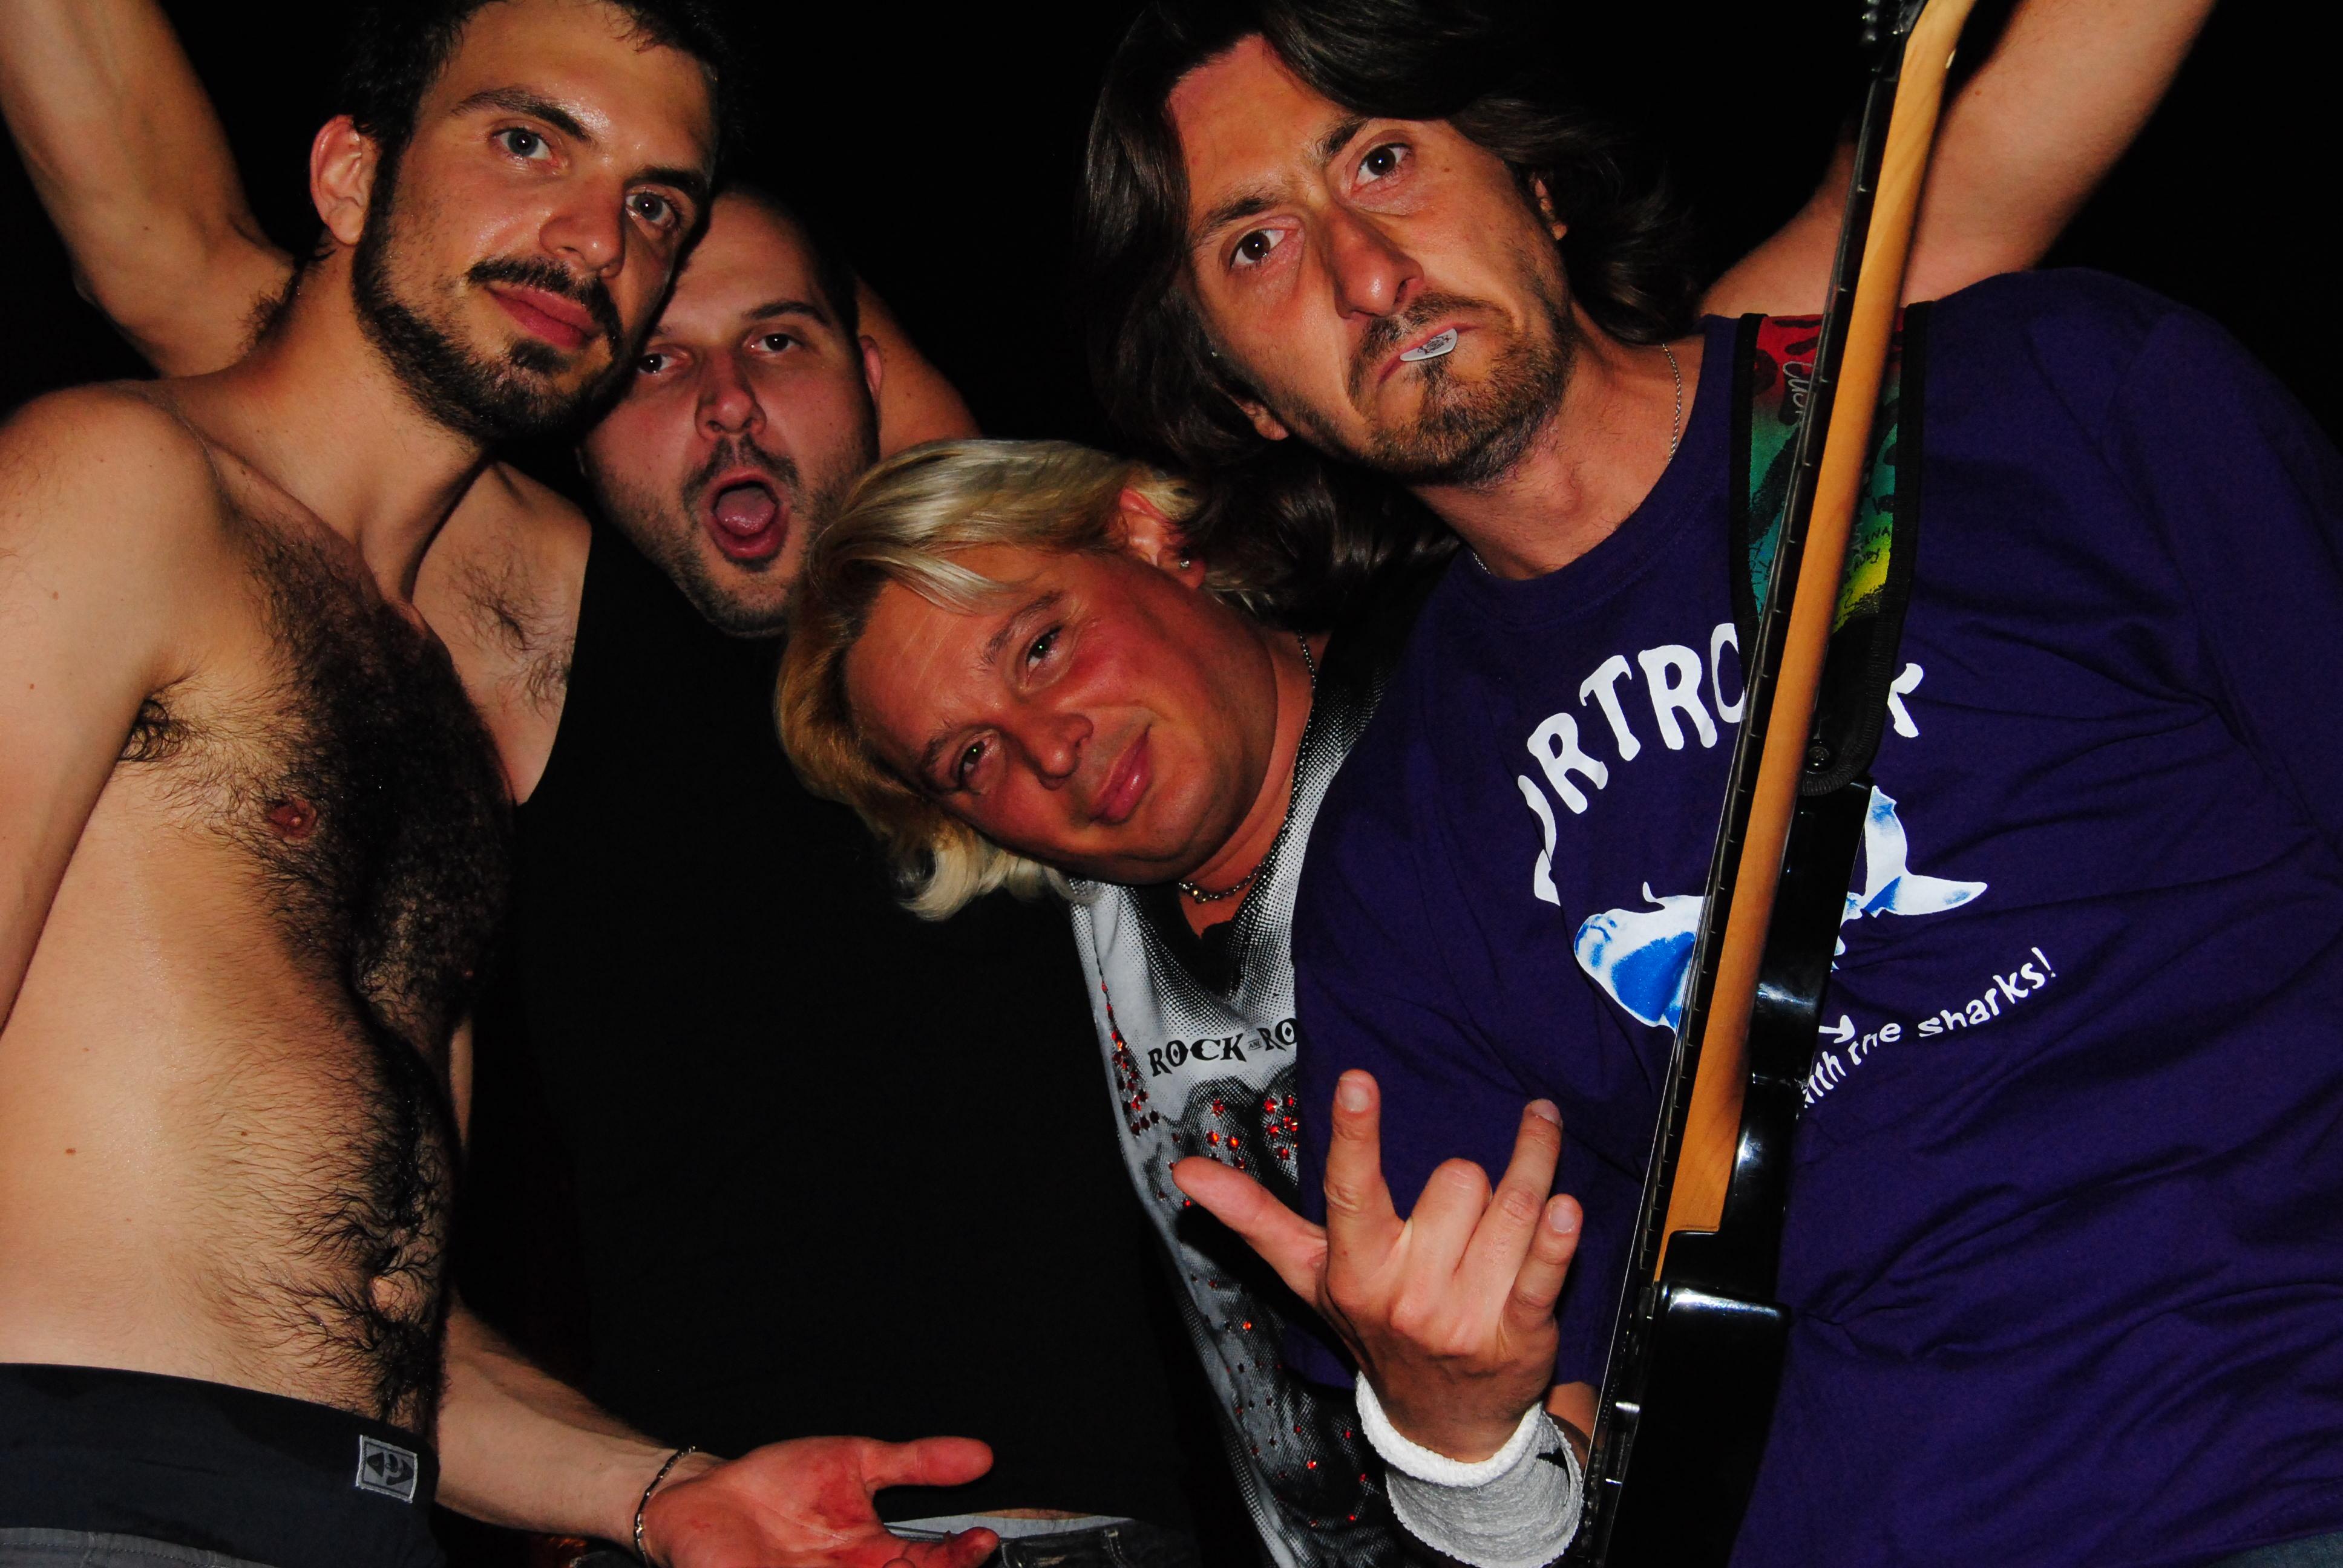 Live@Portrock Festival, Marche, Italy - 9.7.2010